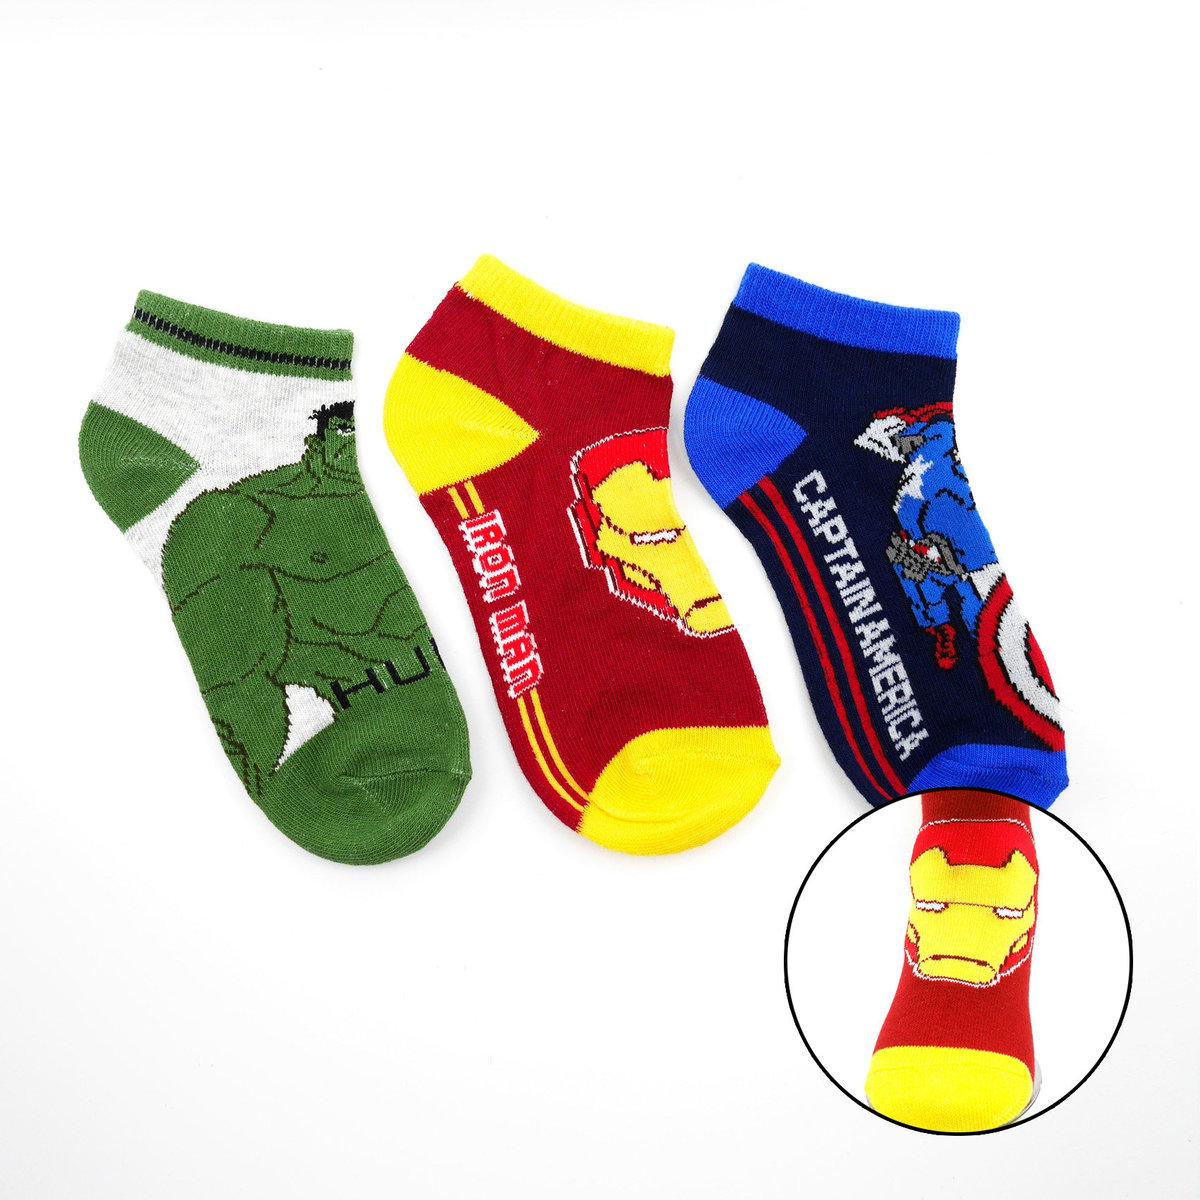 Avengers short socks 3 pairs (23-34) (parallel)